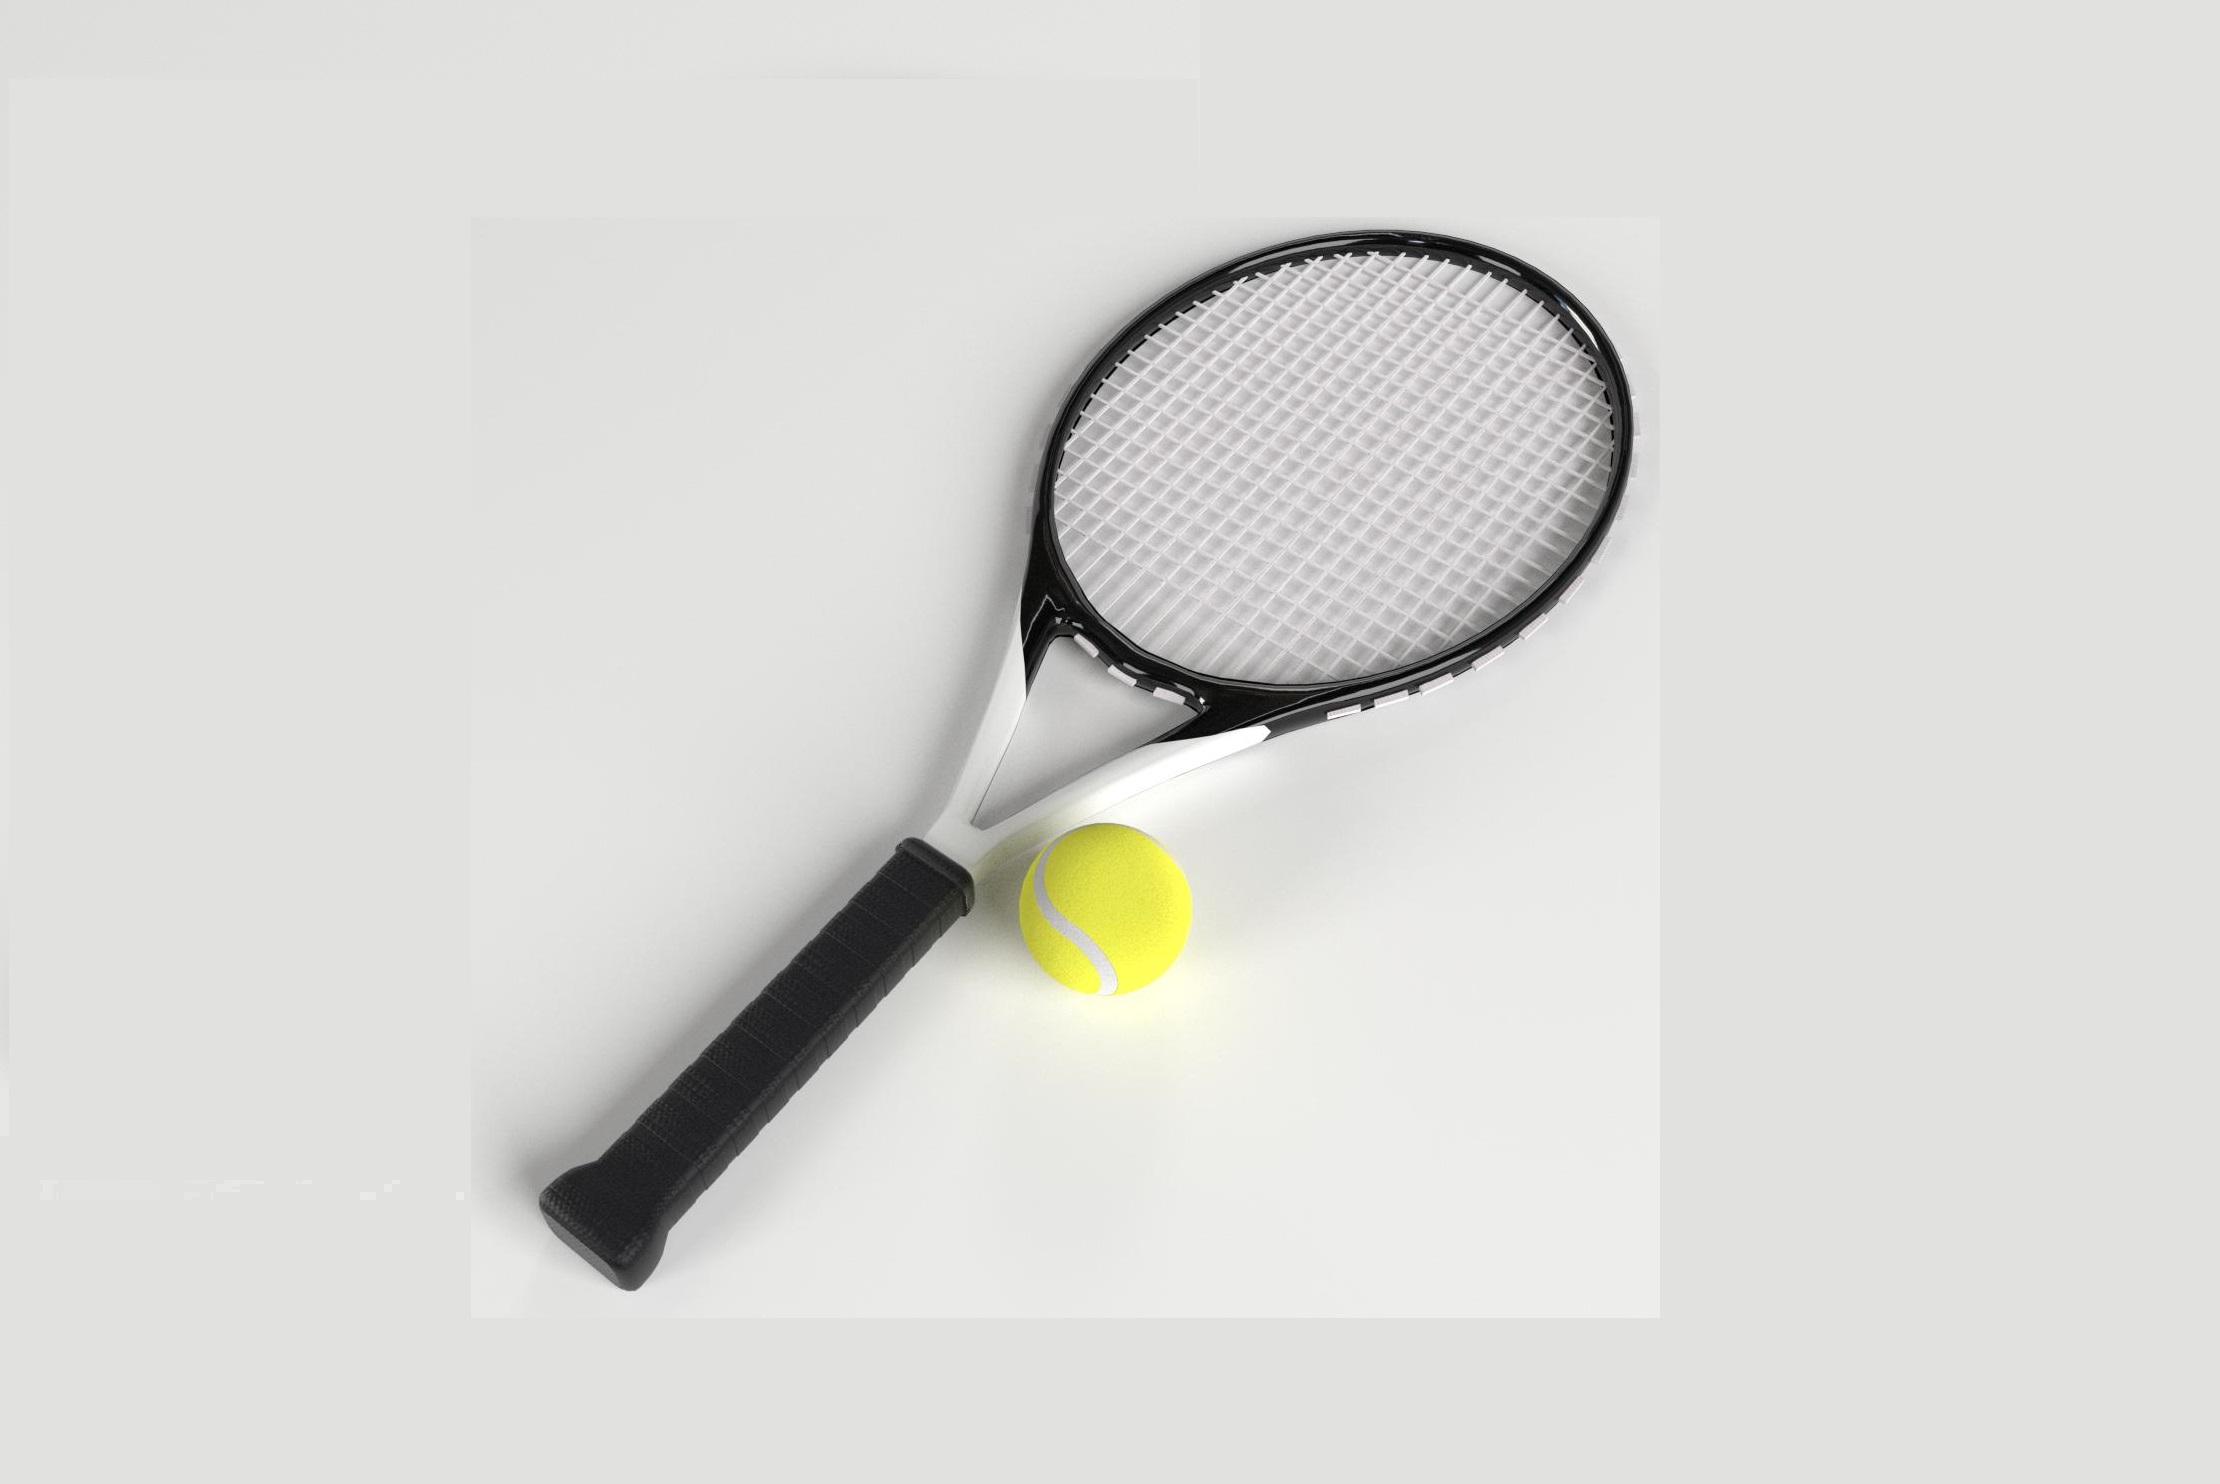 Tennis : tarifs 2019 – 2020